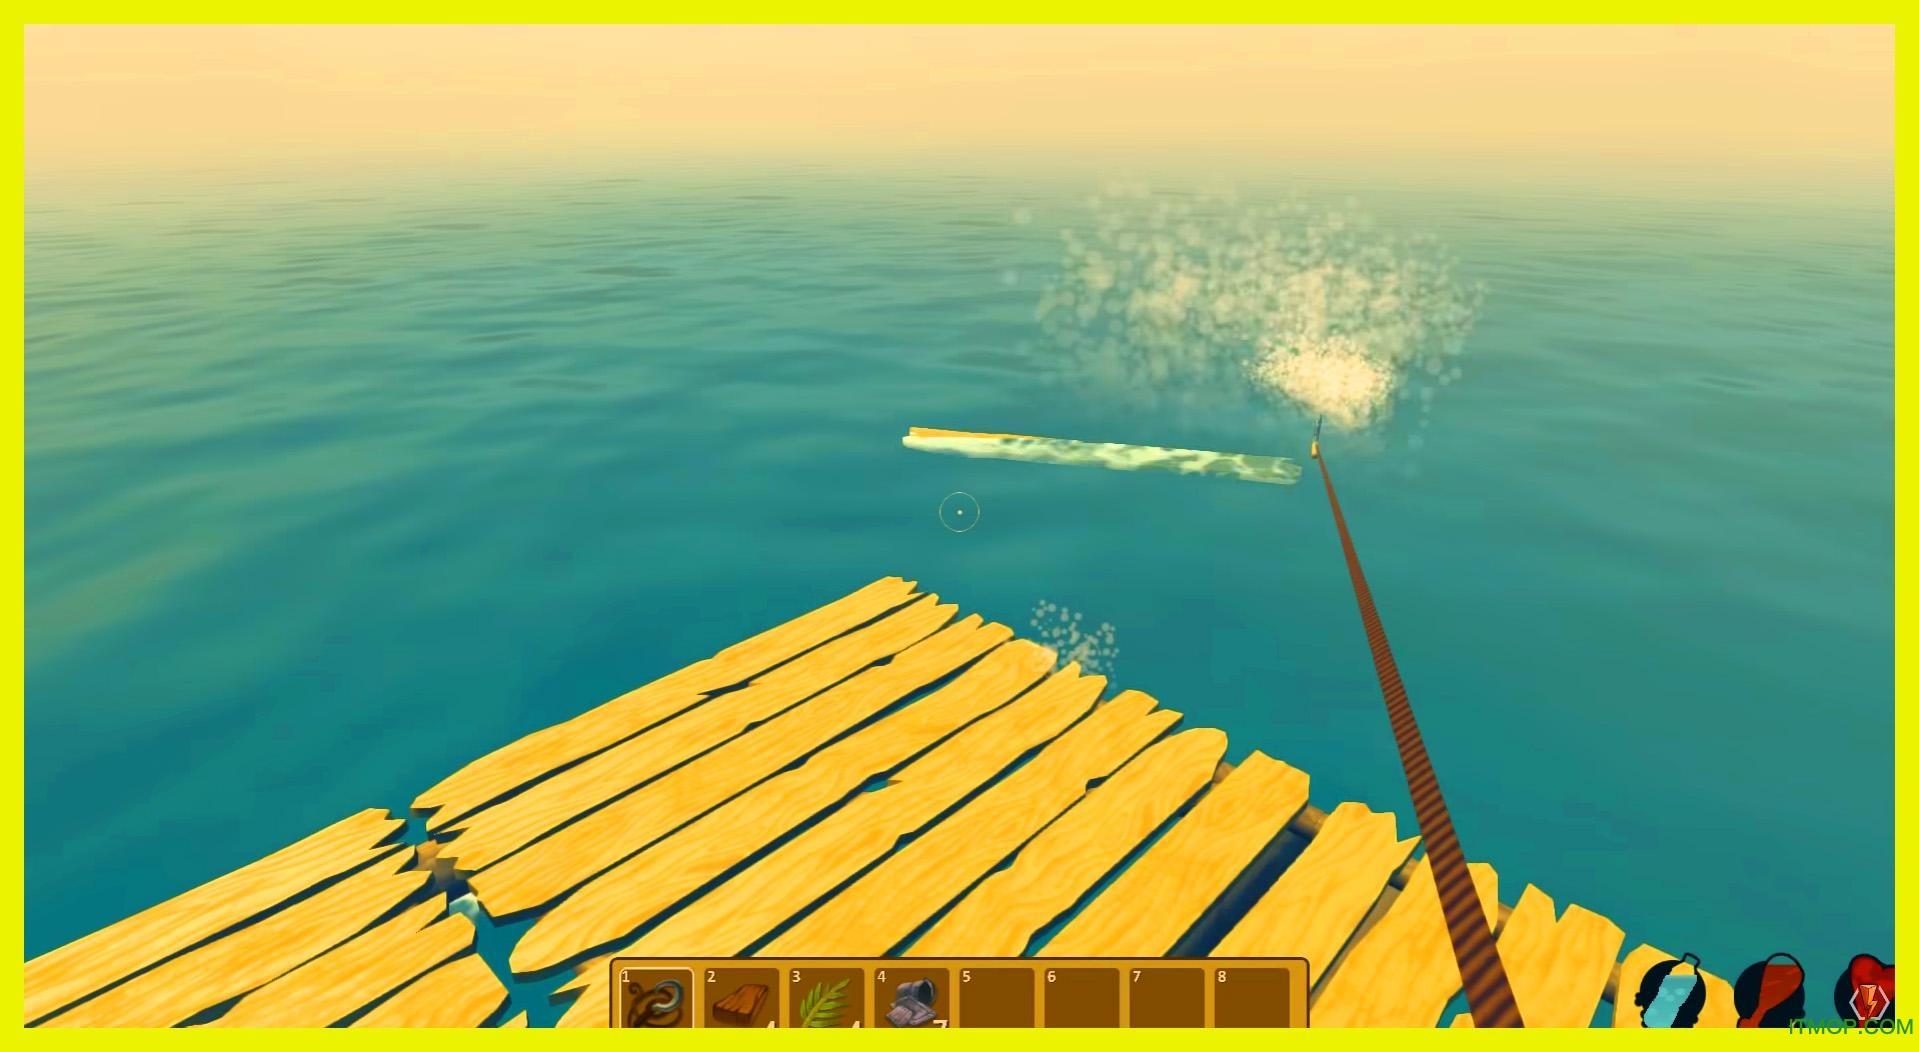 木筏生存游戏(Raft survival craft) v1.6.1 安卓中文版0